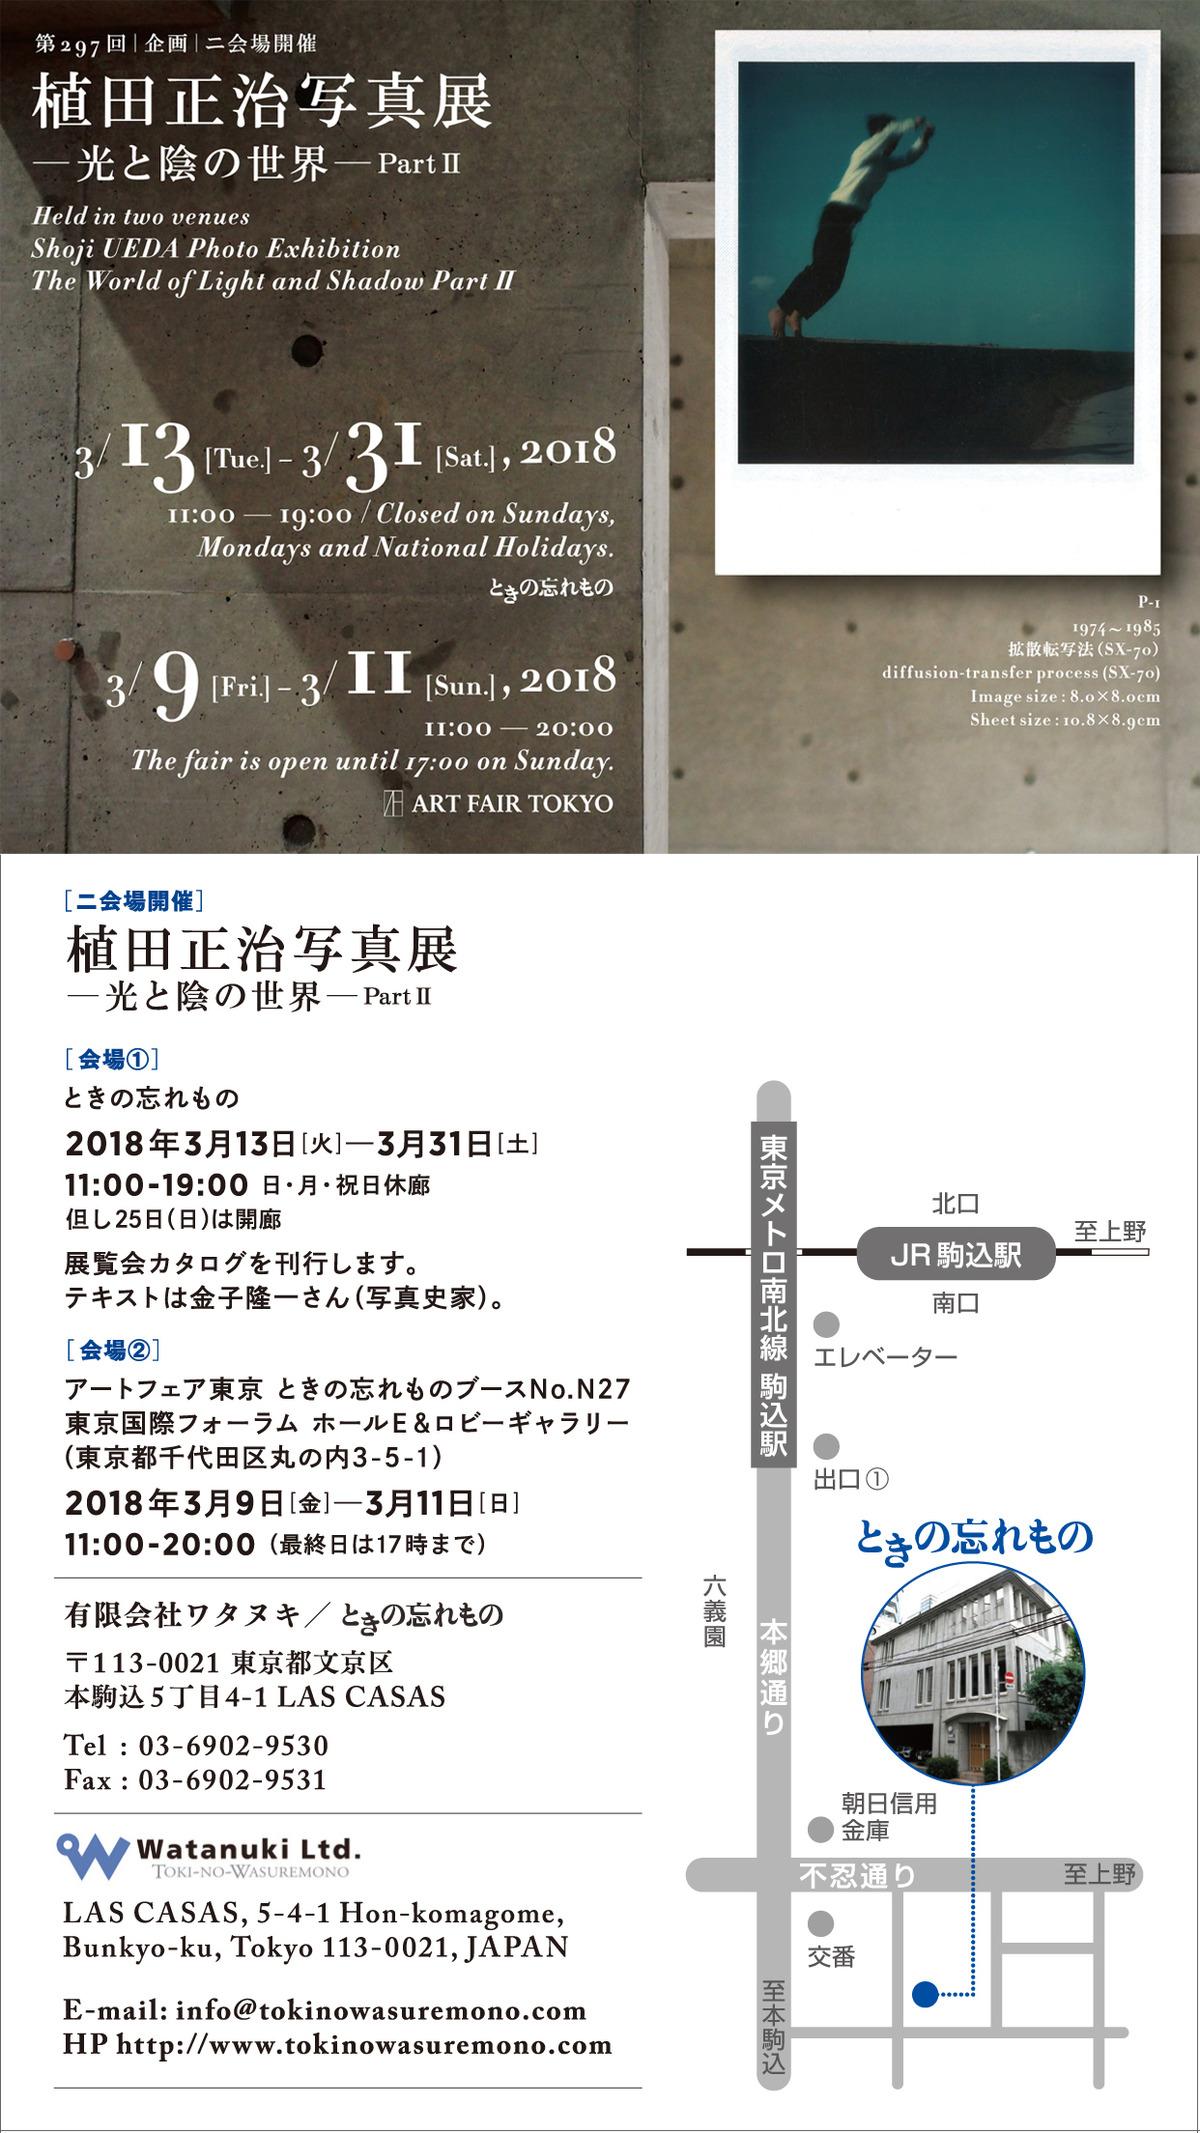 明日から「植田正治展」3月13日(火)〜3月31日(土)